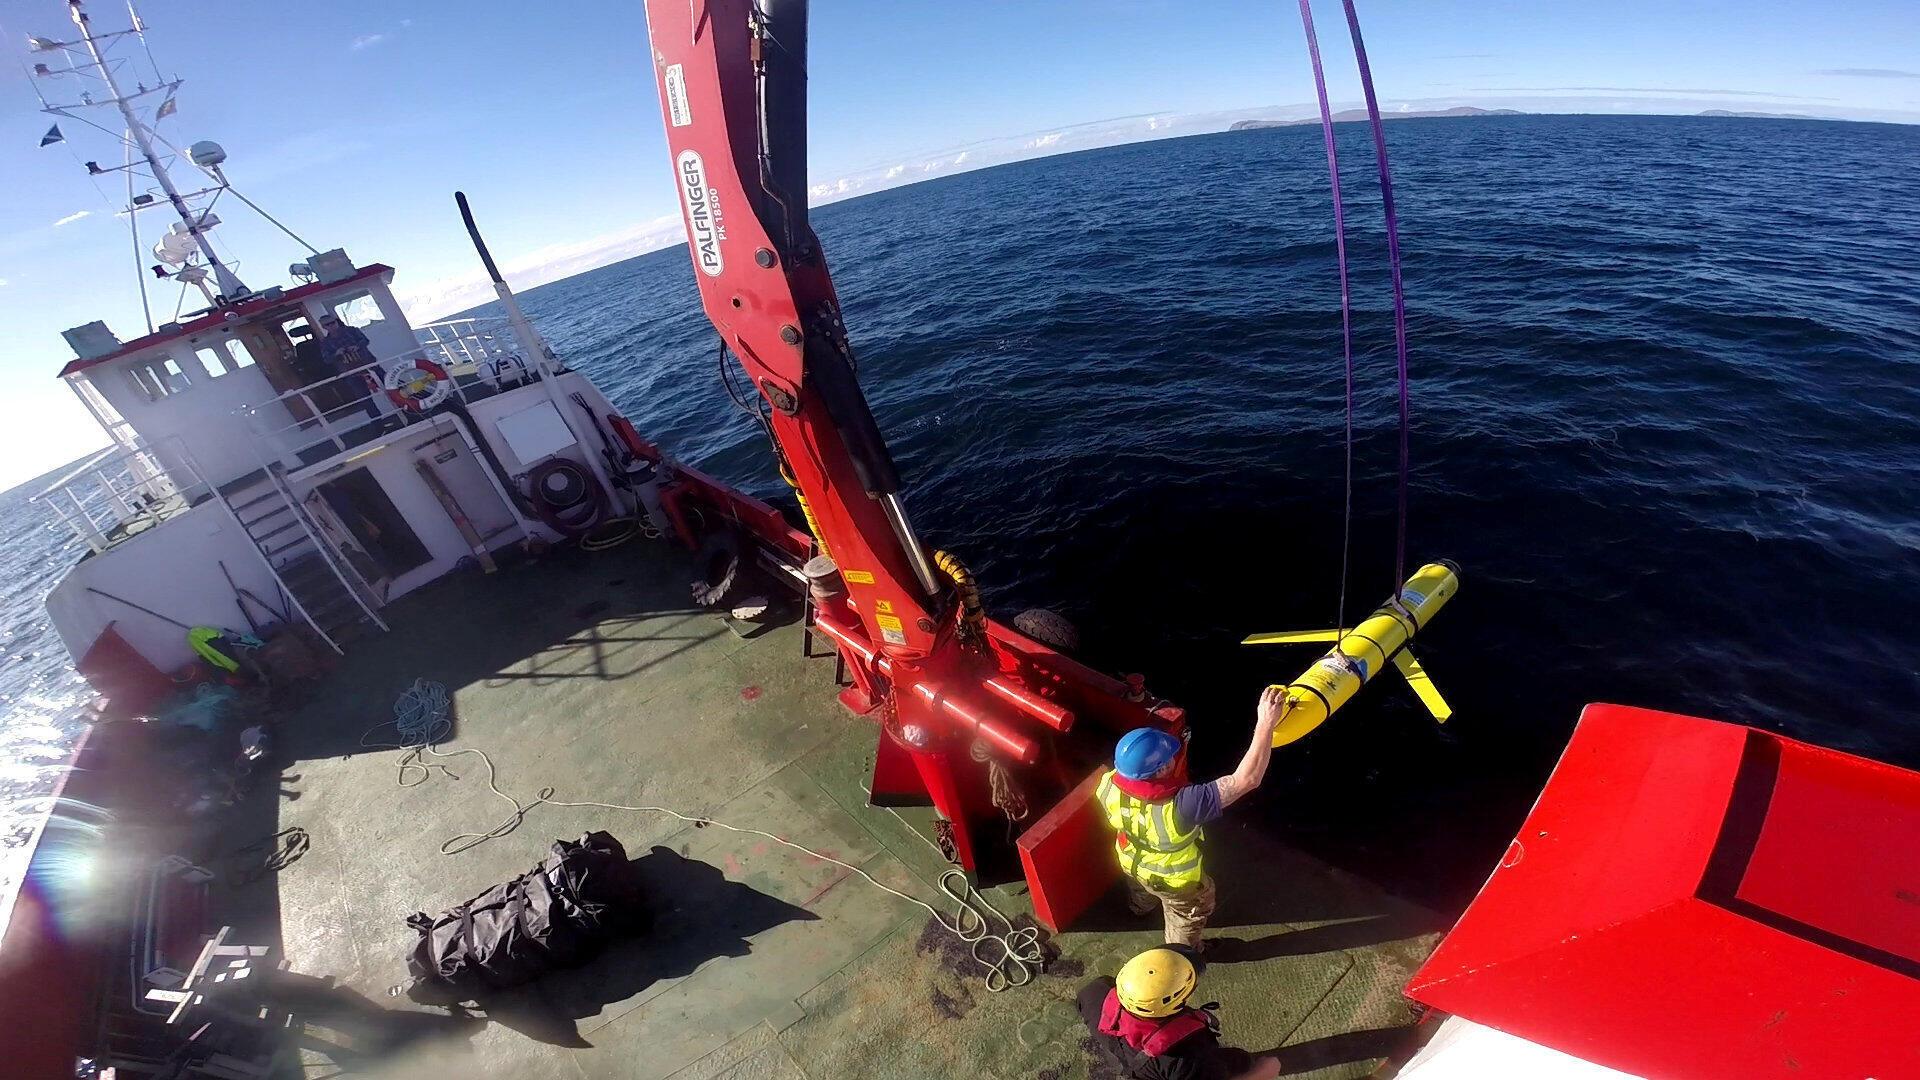 Một tàu lặn không người lái được vớt lên sau khi tham gia diễn tập chung Mỹ-Anh ngoài khơi Cotland ngày 08/10/2016.